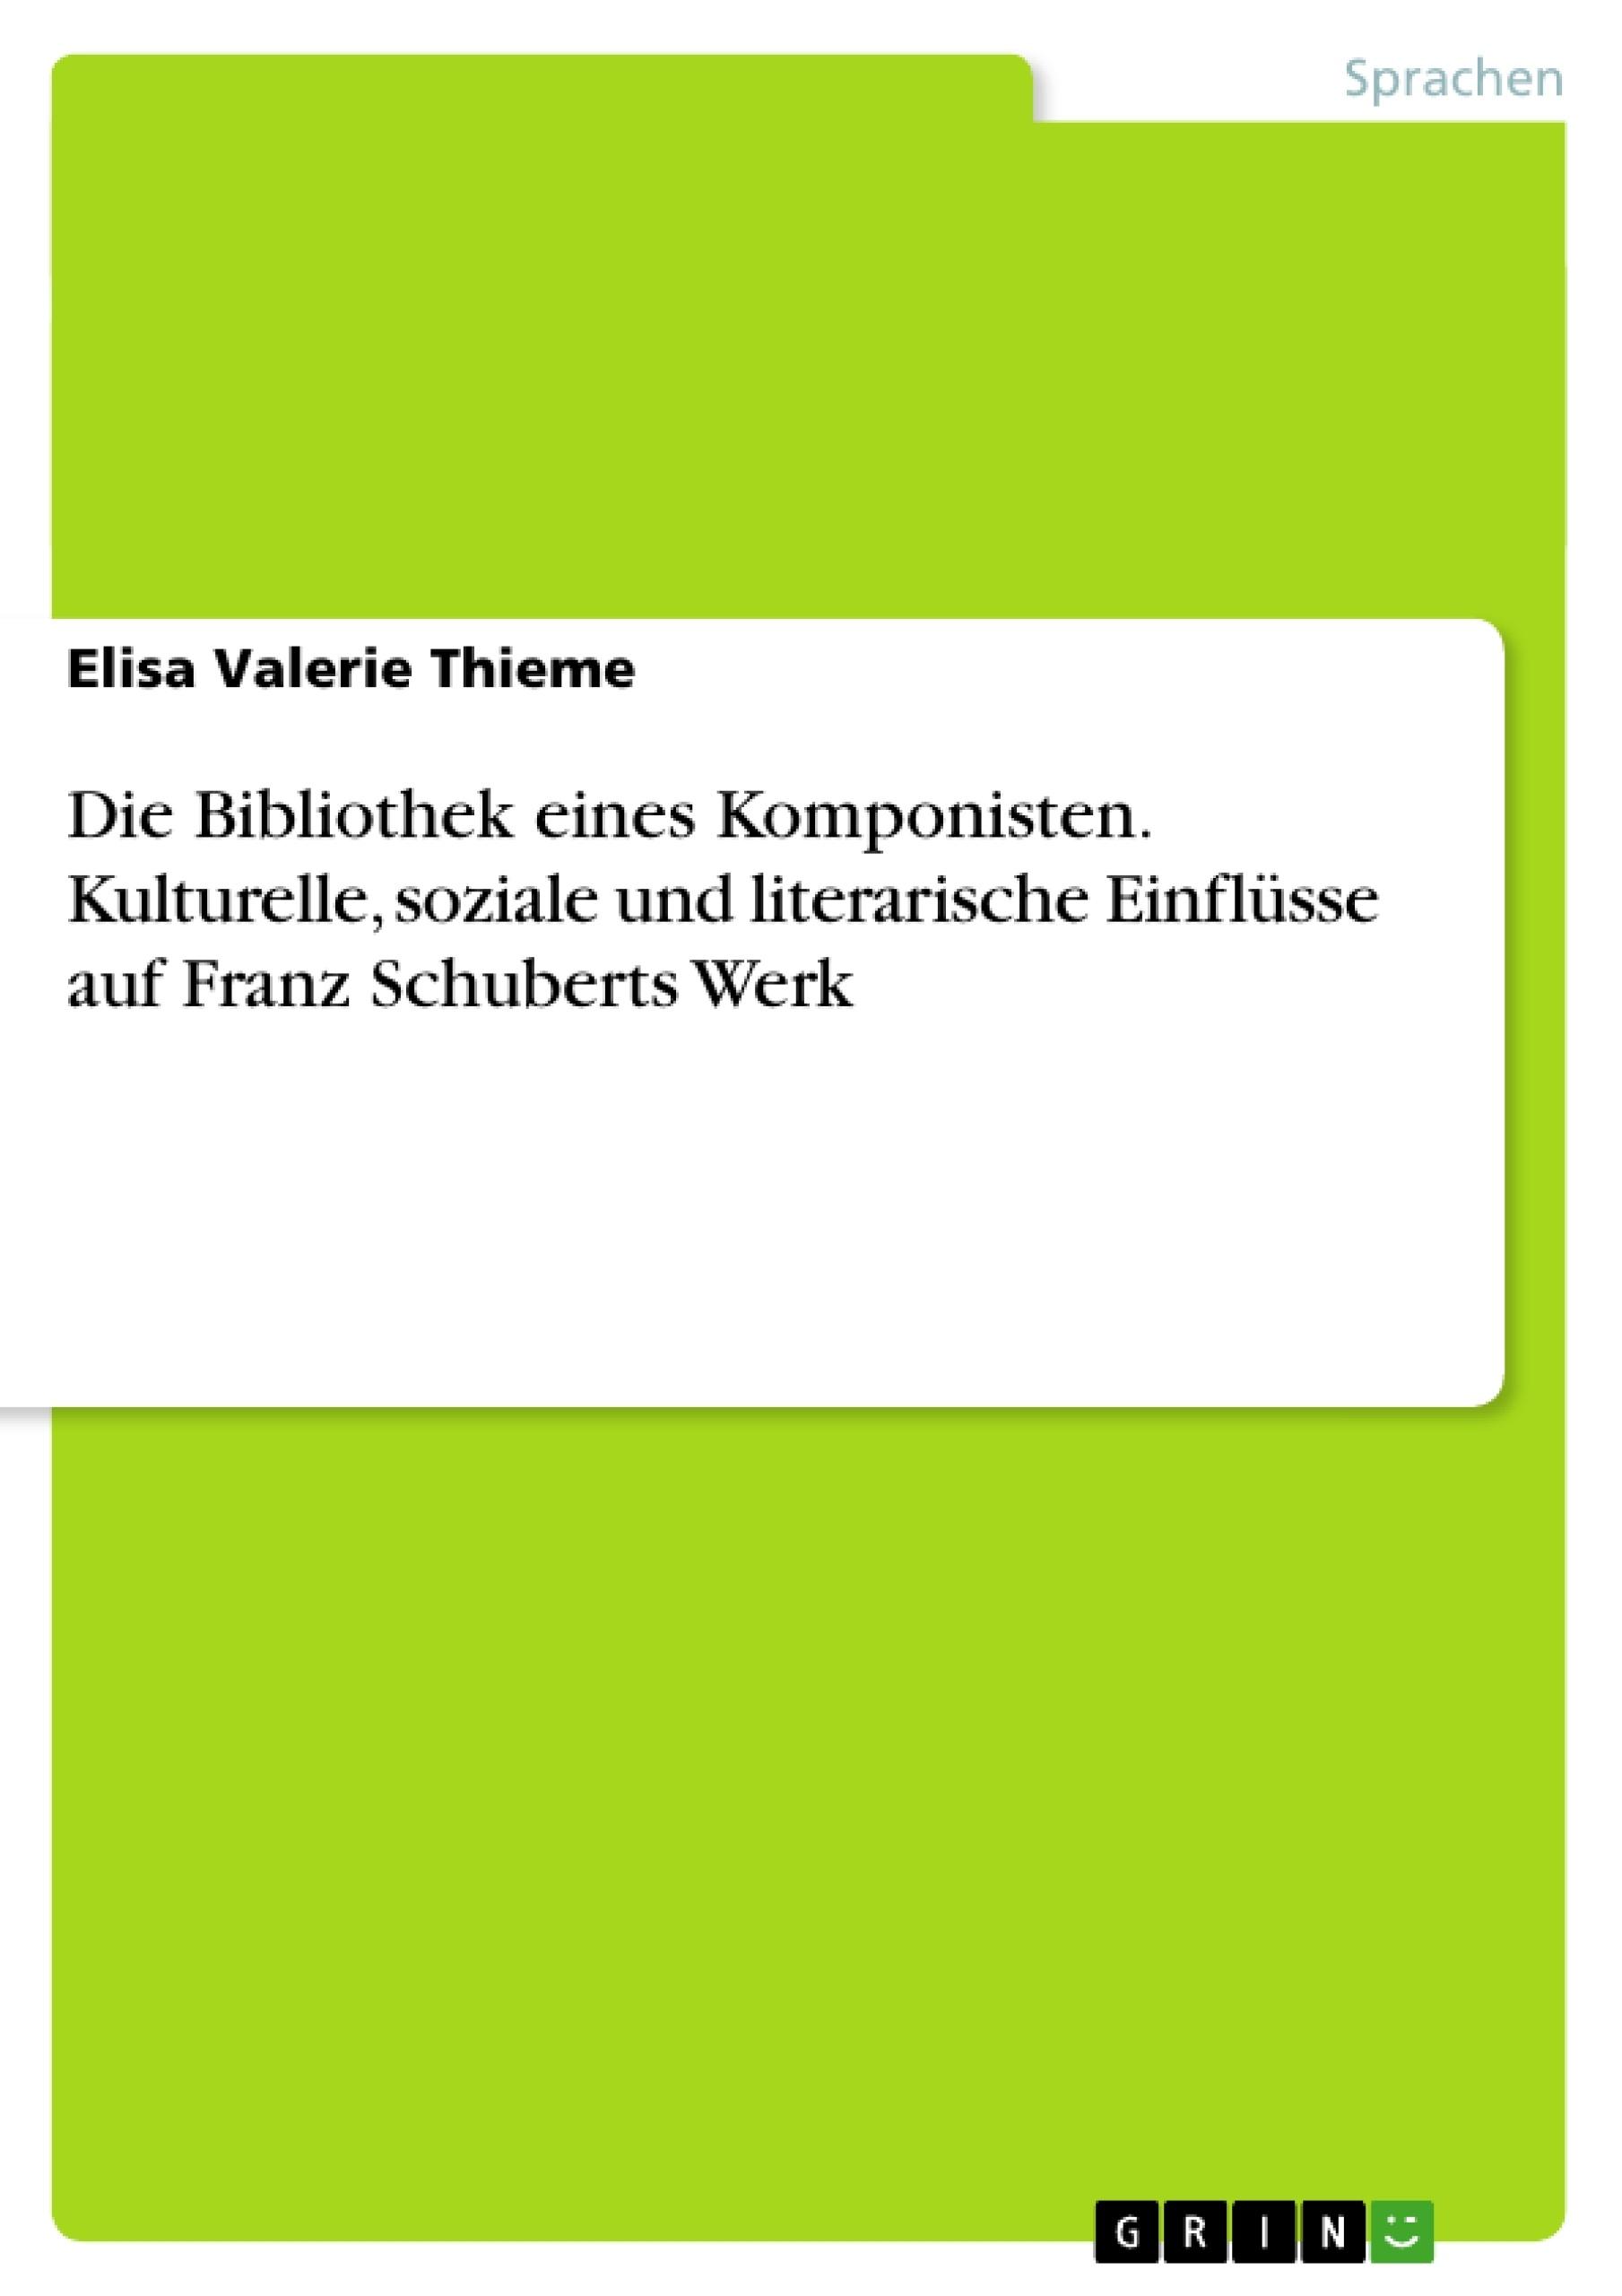 Titel: Die Bibliothek eines Komponisten. Kulturelle, soziale und literarische Einflüsse auf Franz Schuberts Werk